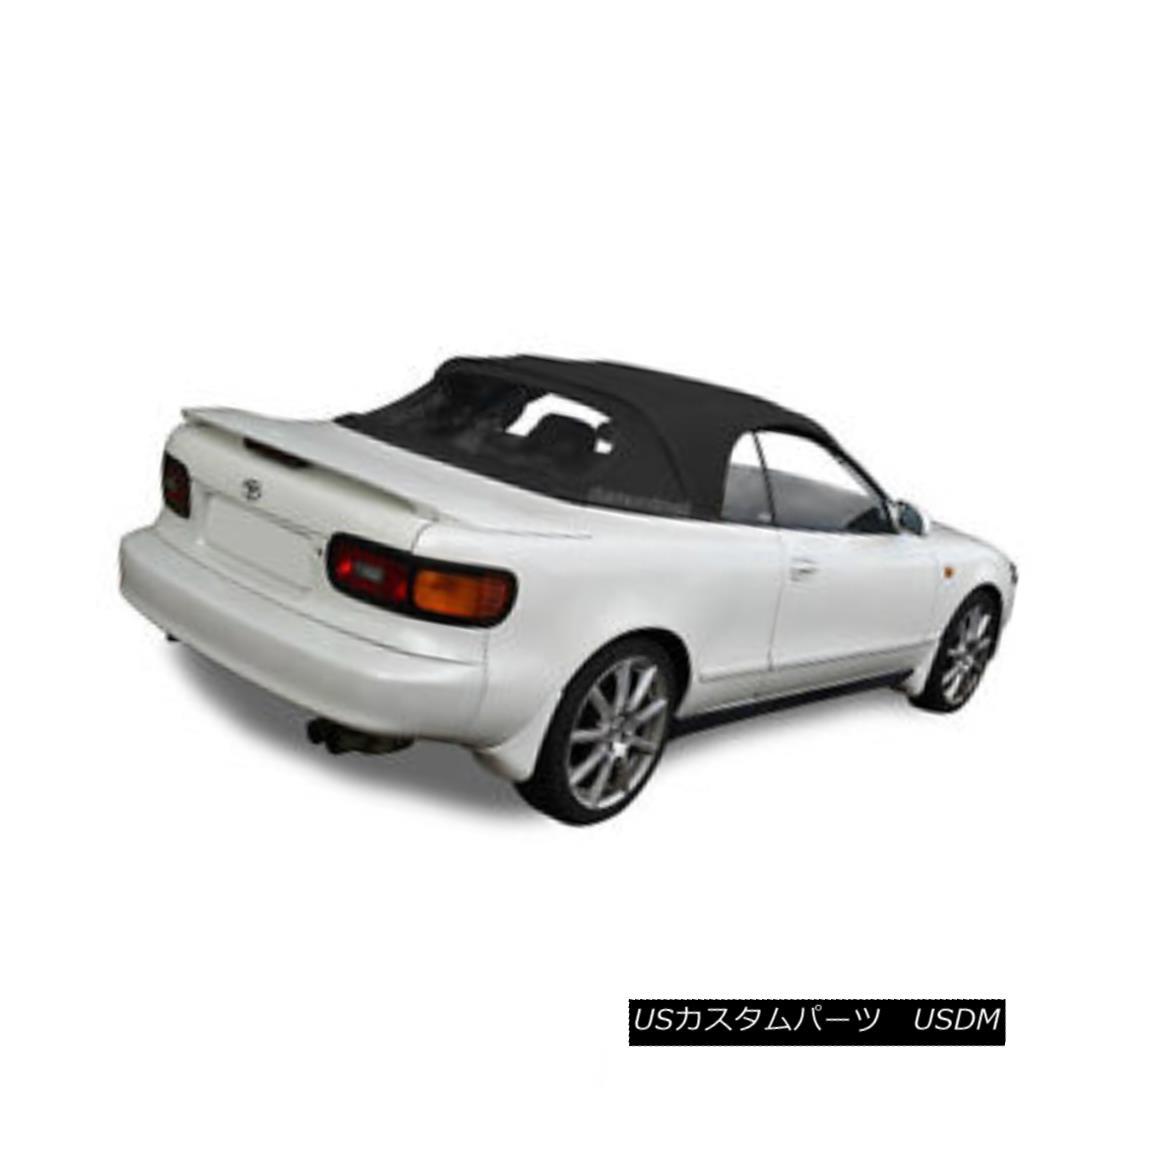 幌・ソフトトップ Toyota Celica 1991-1993 Convertible Soft Top & Plastic Window Black Cloth トヨタセリカ1991-1993コンバーチブルソフトトップ& プラスチック製の窓黒い布